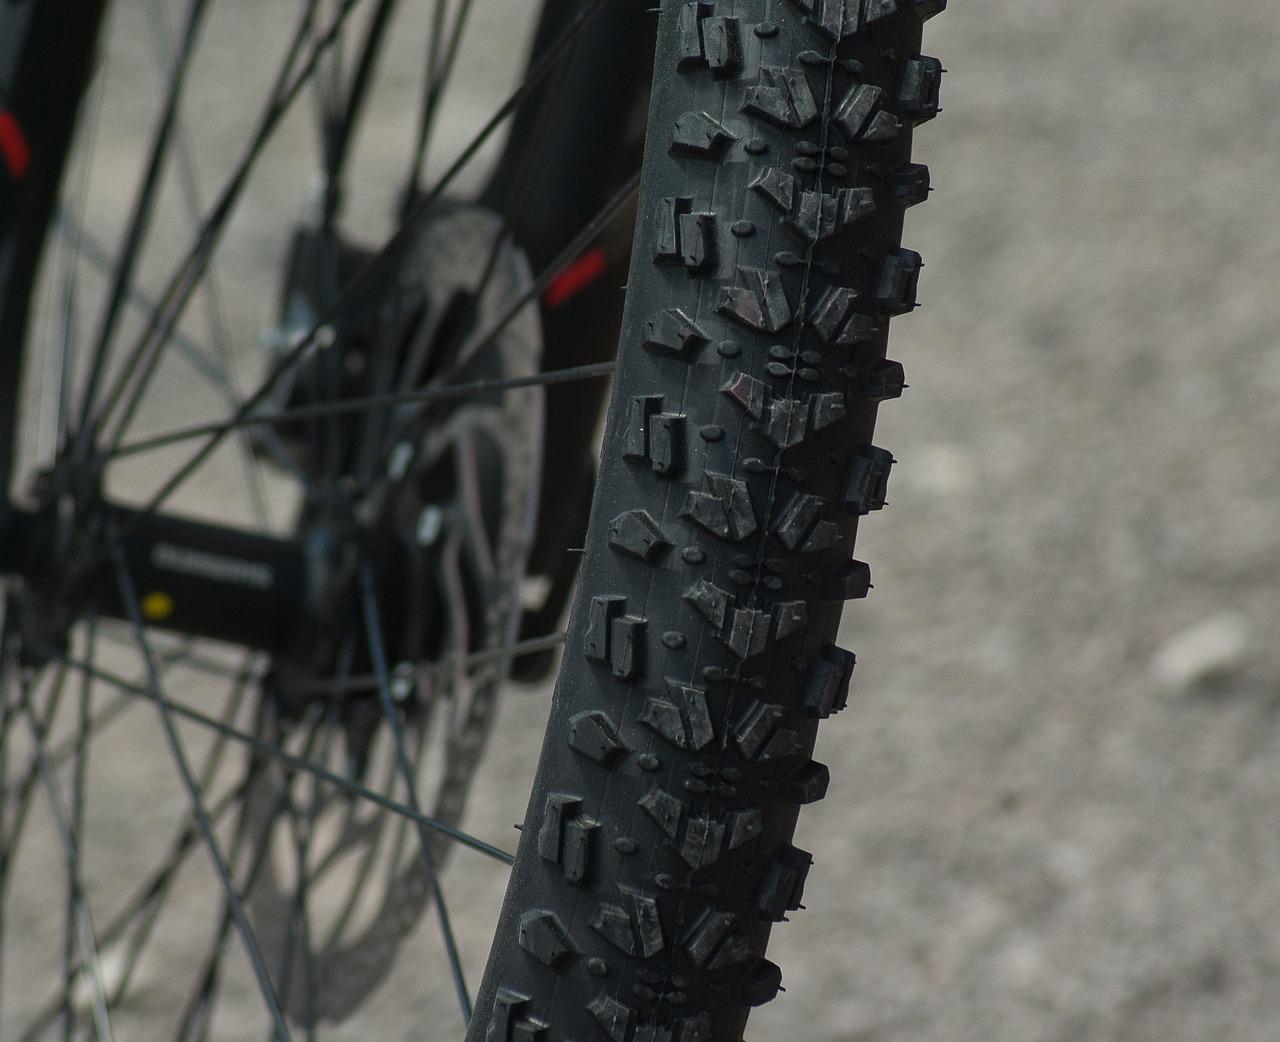 Consigli per l'acquisto dei cerchi per la bicicletta